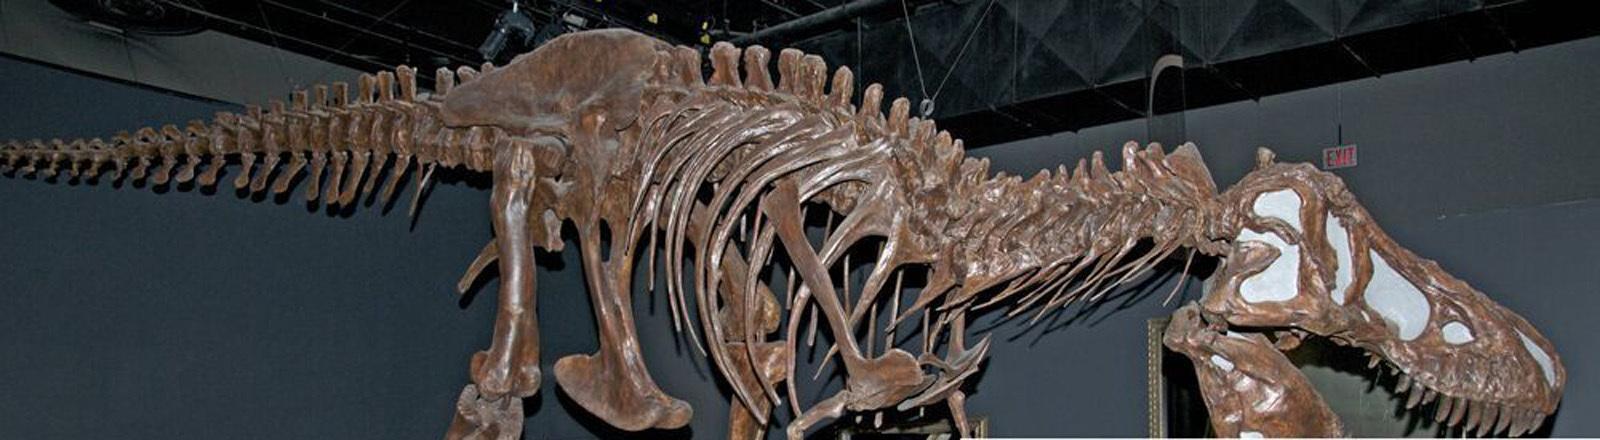 Tyrannosaurus-Rex-Skelett im Naturhistorischen Museum in Los Angeles.